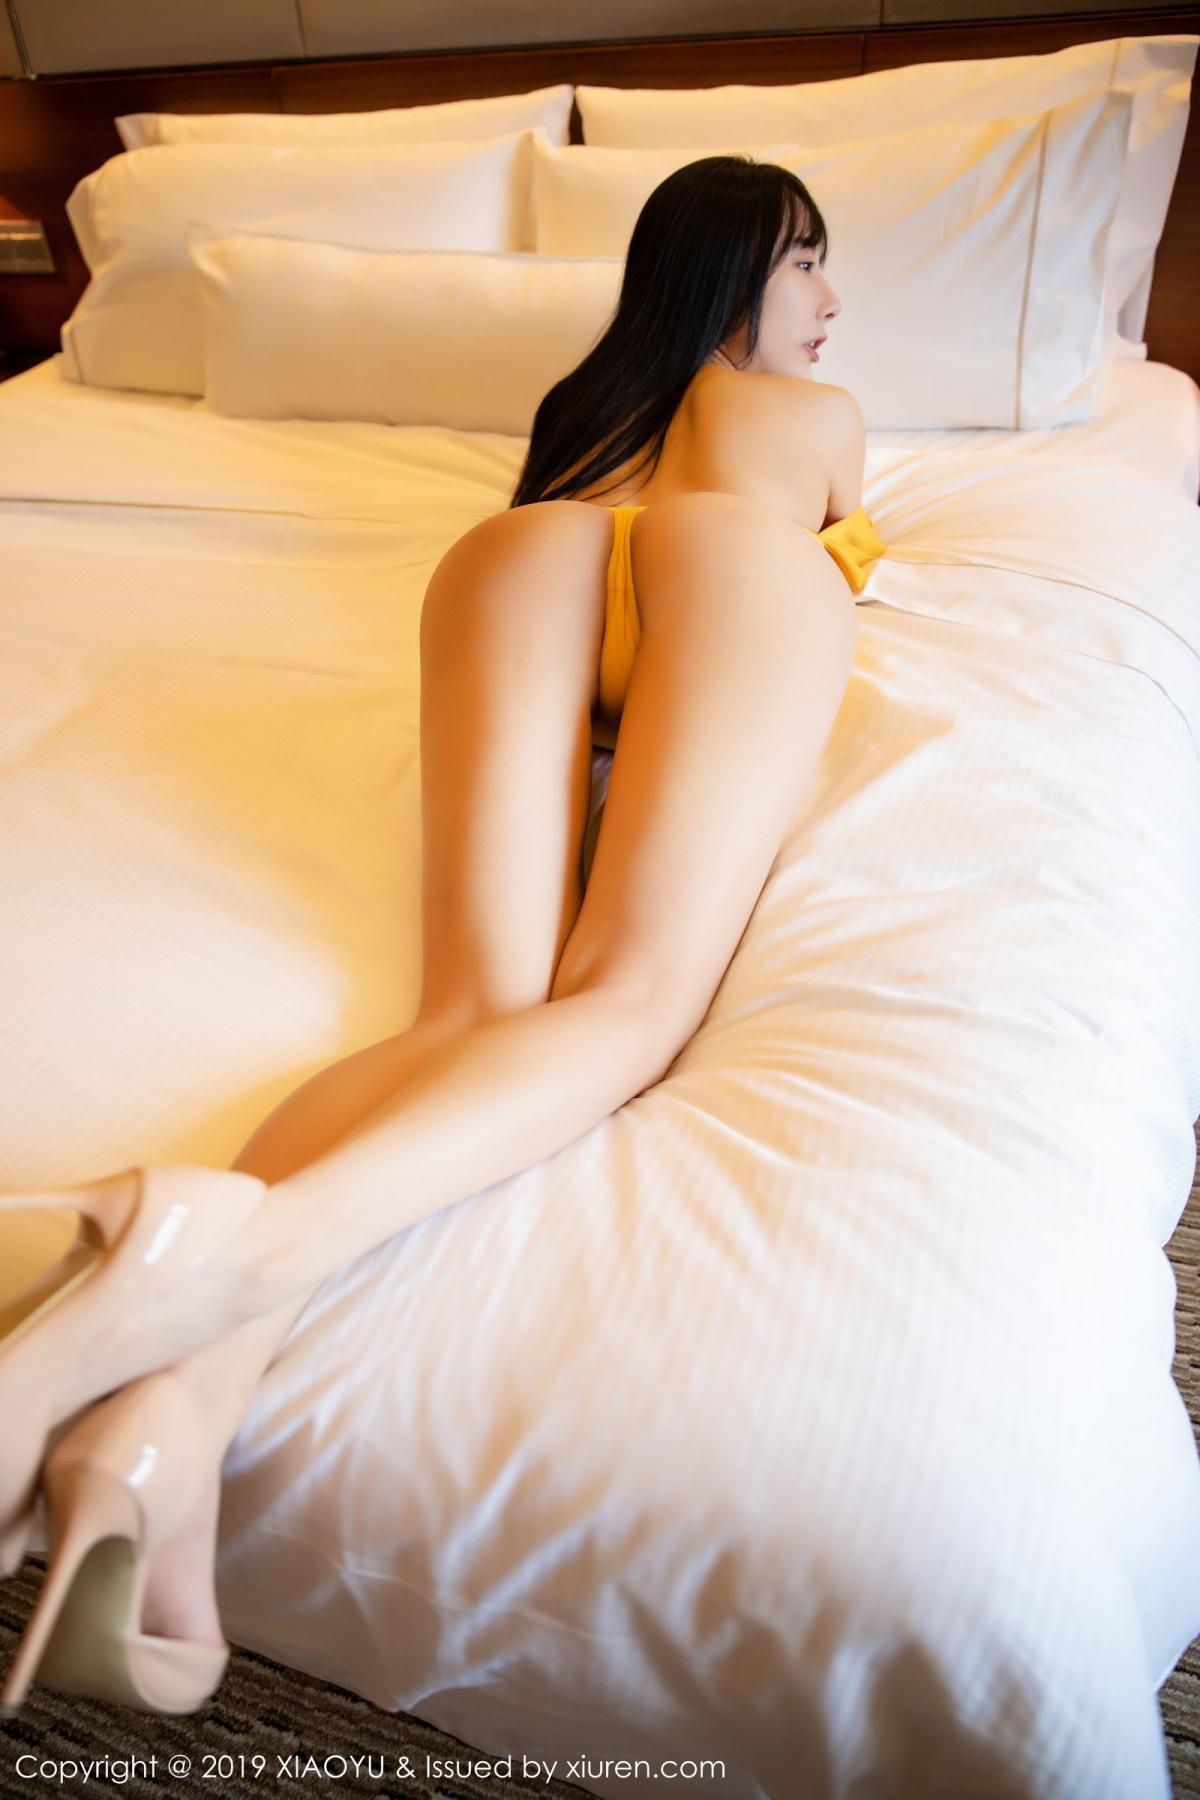 [XiaoYu] Vol.140 He Jia Ying 35P, He Jia Ying, Tall, XiaoYu